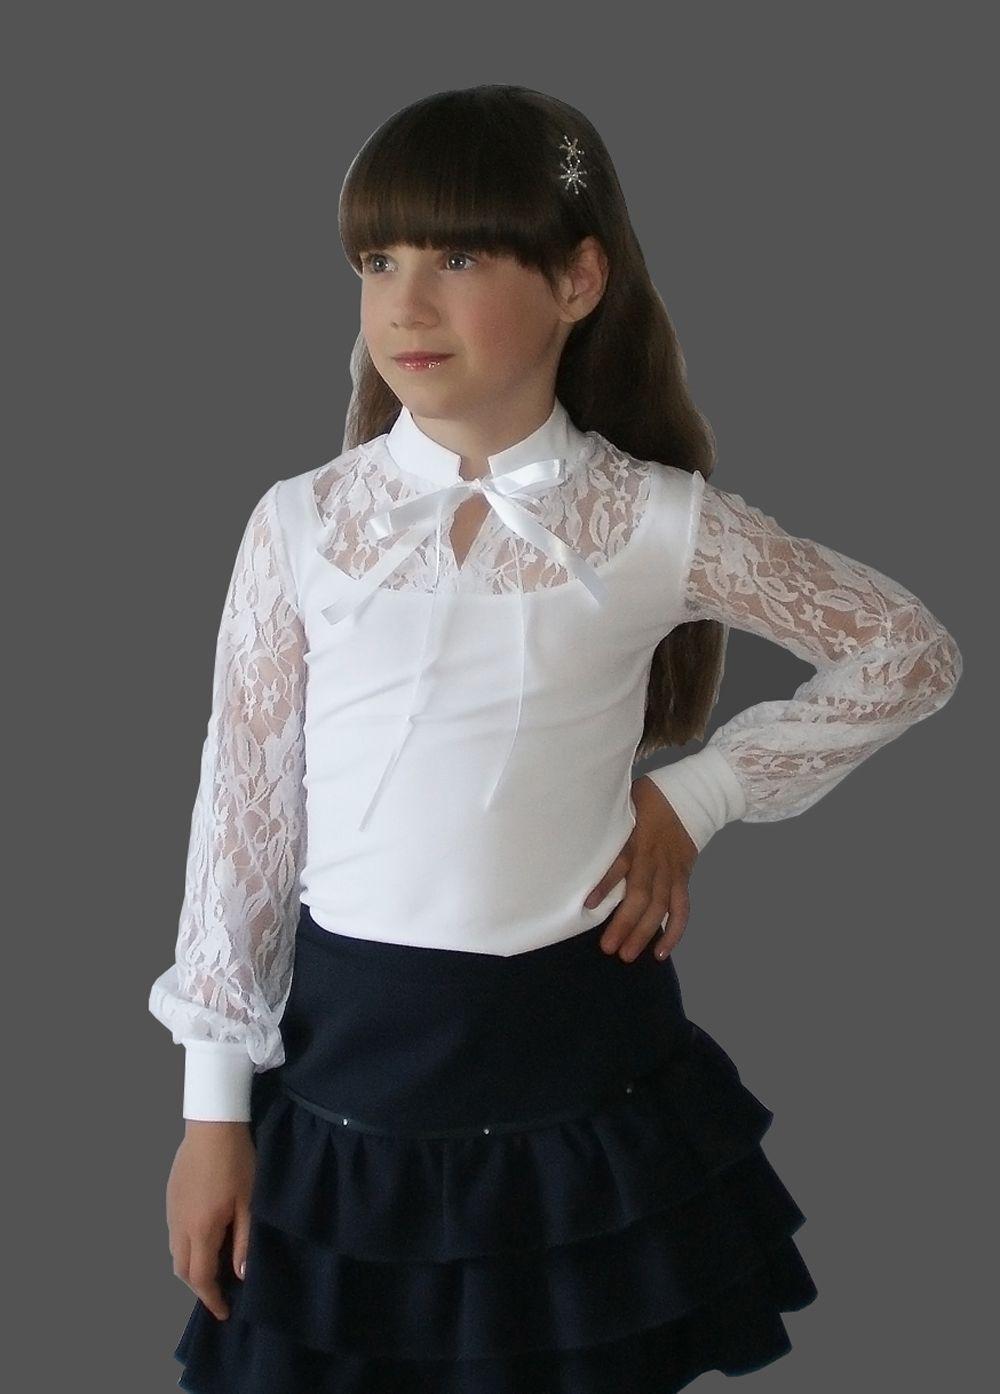 Сбор заказов. Одежда для детей М@ттiель. Скидки от 20% до 50%! Нарядные блузки для школы и не только, джемпера из теплого трикотажа. Праздничные платья. Коллекция для мальчиков. Супер качество на рост до 152см! Без рядов. Есть отзывы.